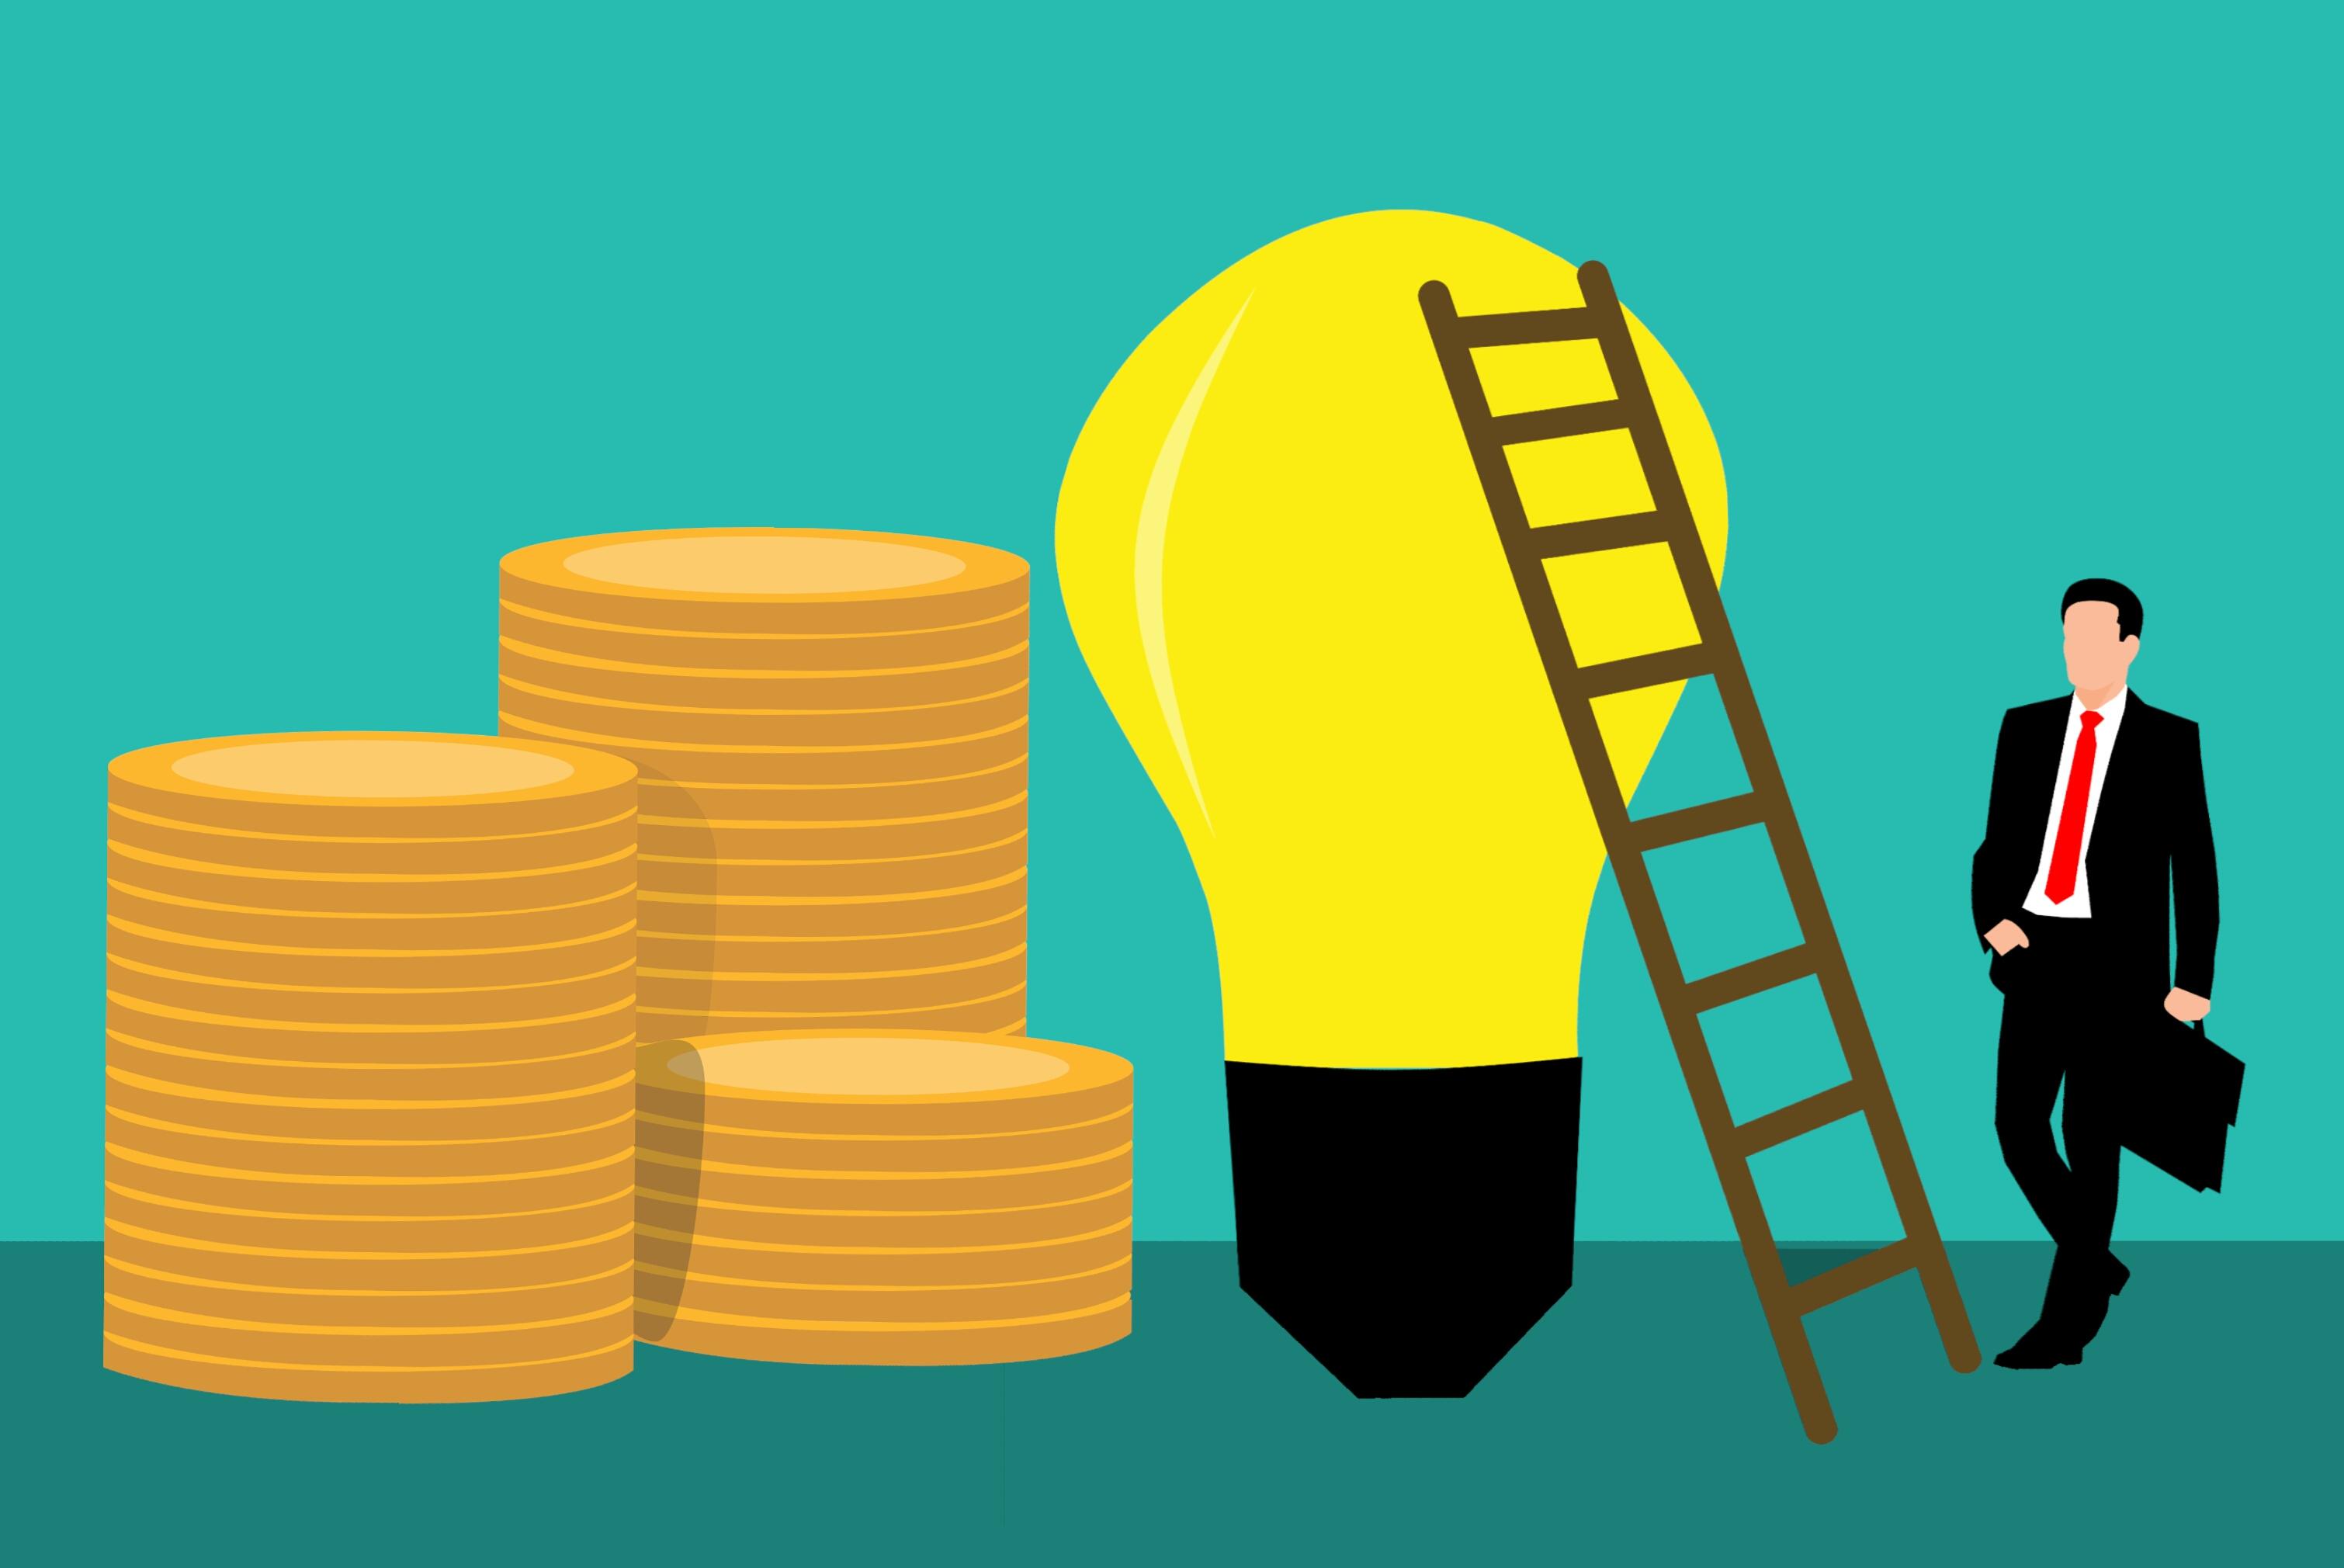 hình ảnh : thành tích, ý kiến, leo, túi, doanh nhân, nghề nghiệp, đồng  tiền, Nhân viên, tài chính, lớn lên, Đầu tư, đầu tư, Lãnh đạo, Đàn ông,  tiền bạc, ...